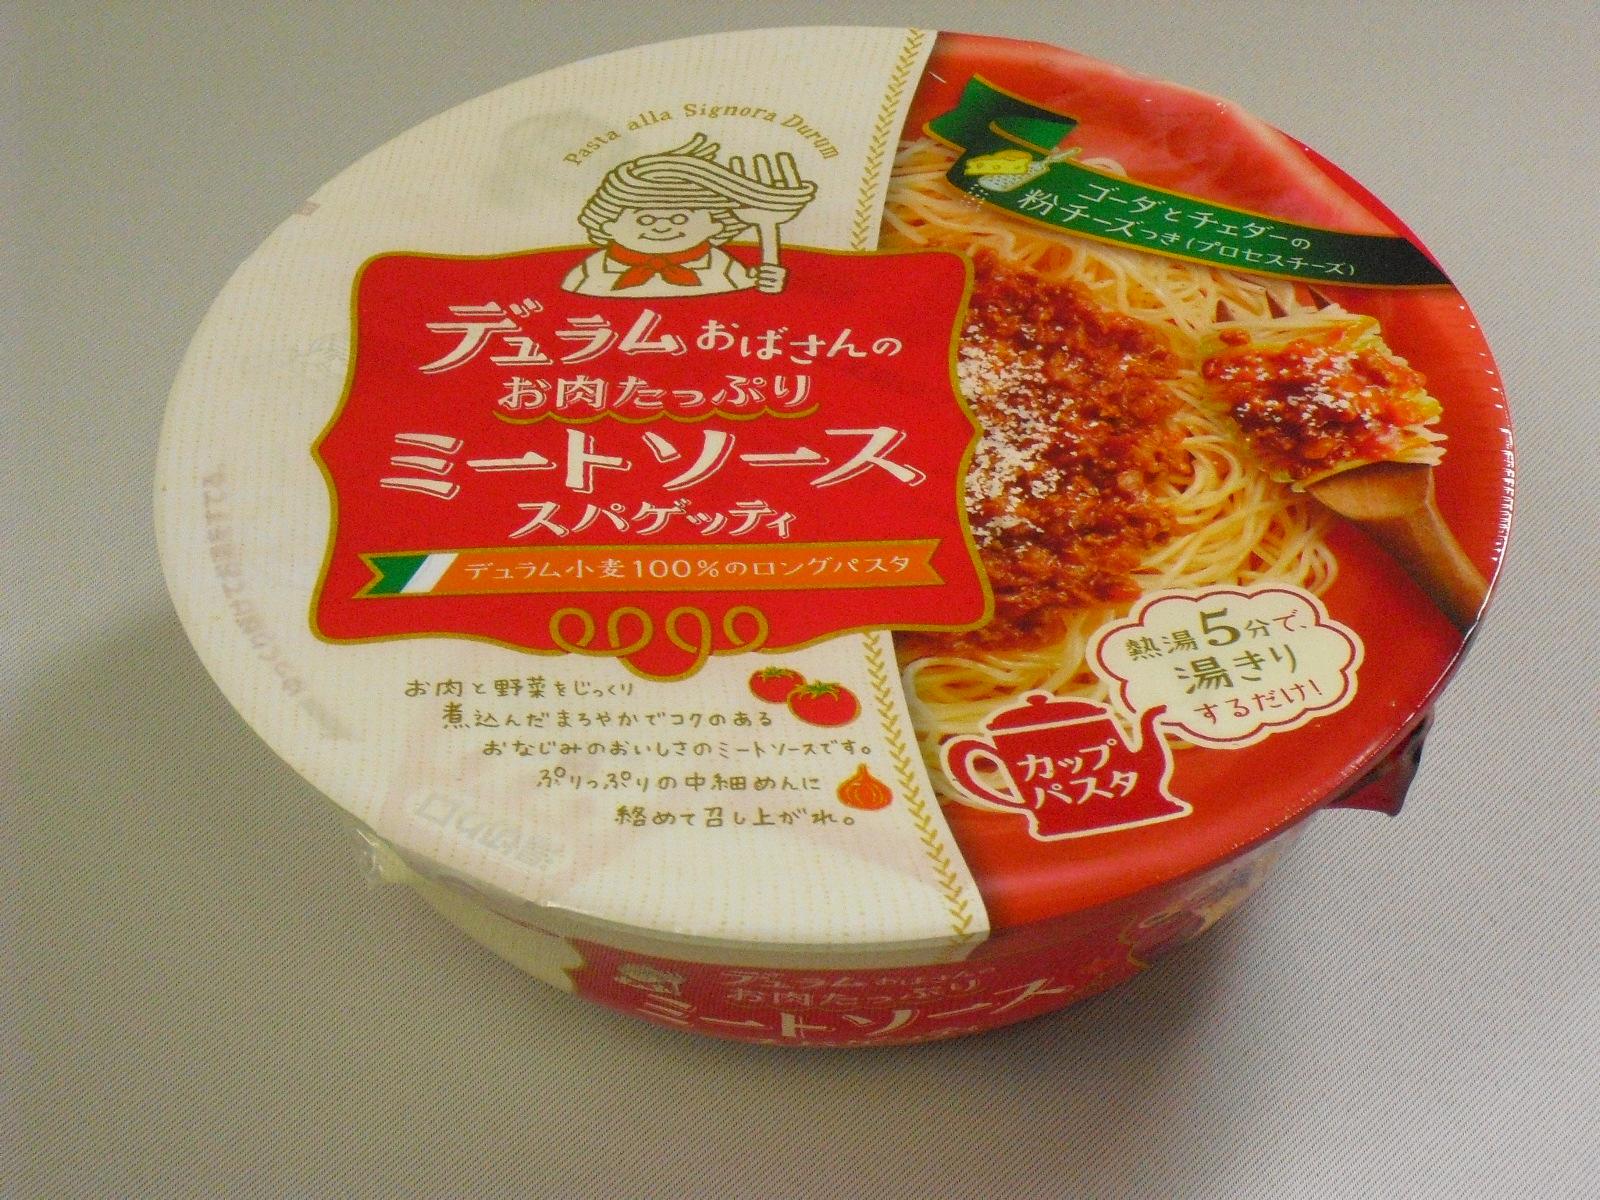 デュラムおばさんのミートソーススパゲティ サッポロ一番 デュラムおばさんのミートソーススパゲティ